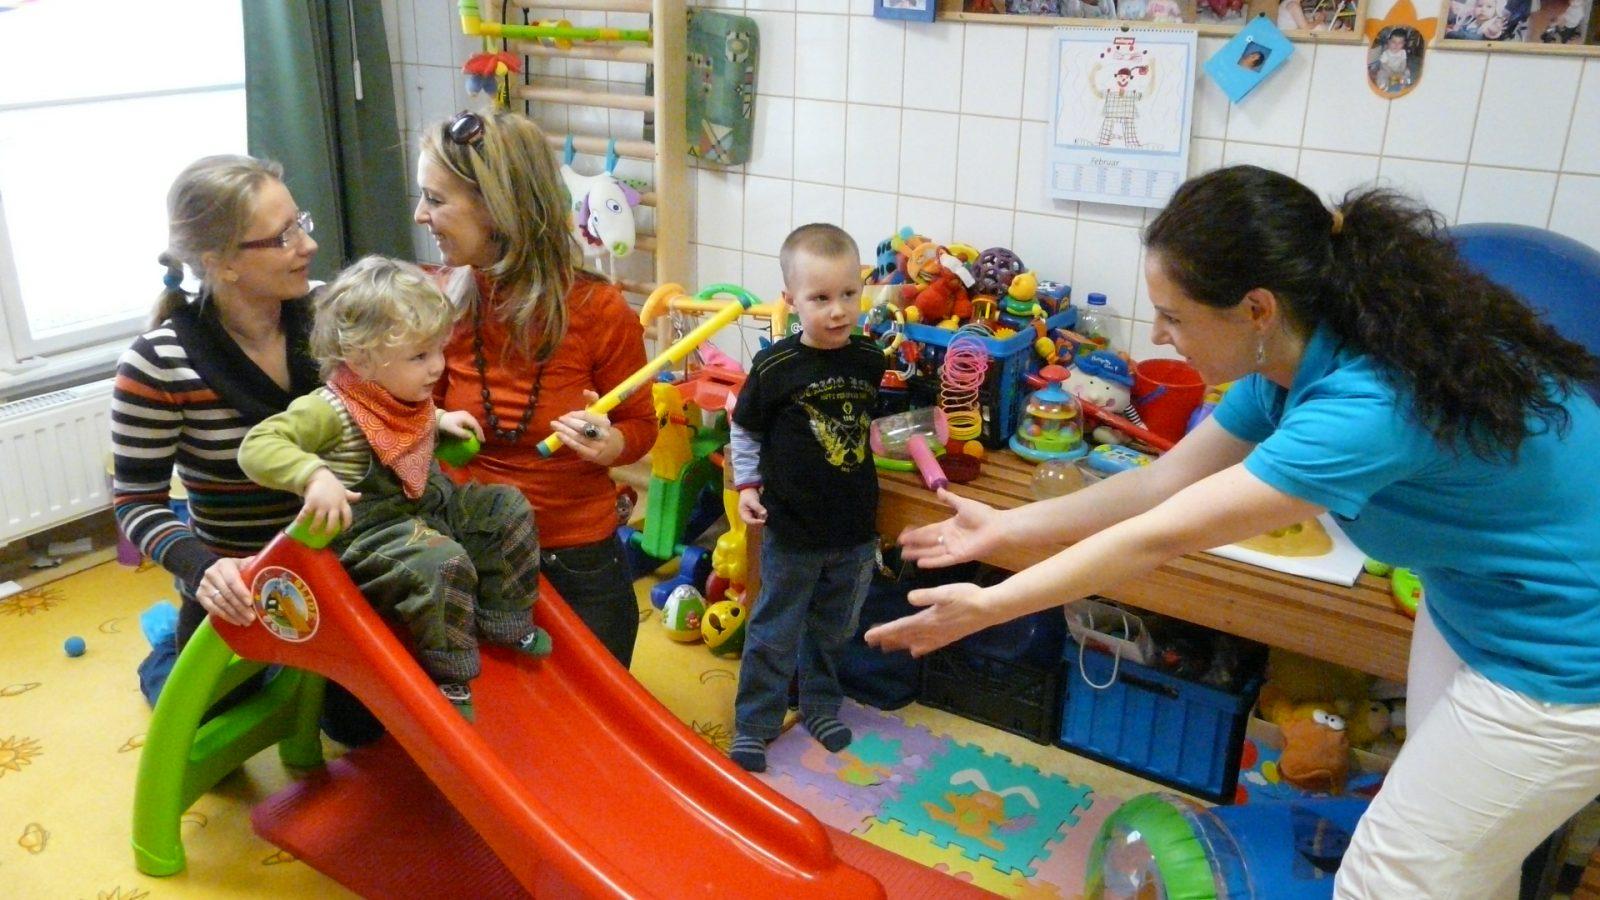 gyerekek játszanak az anyukáikkal